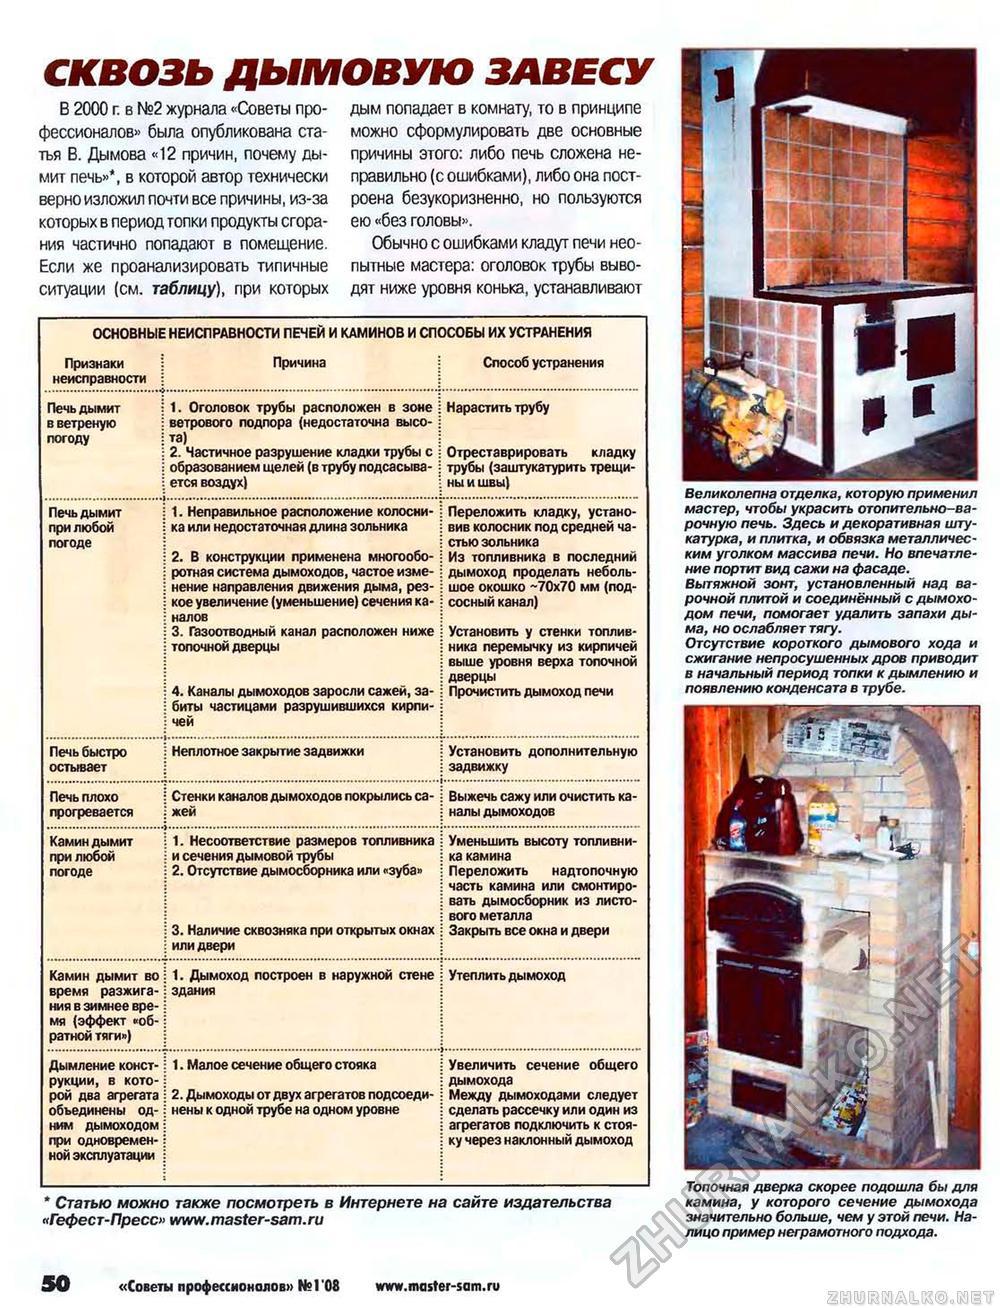 Почему дымит печь в доме, что делать